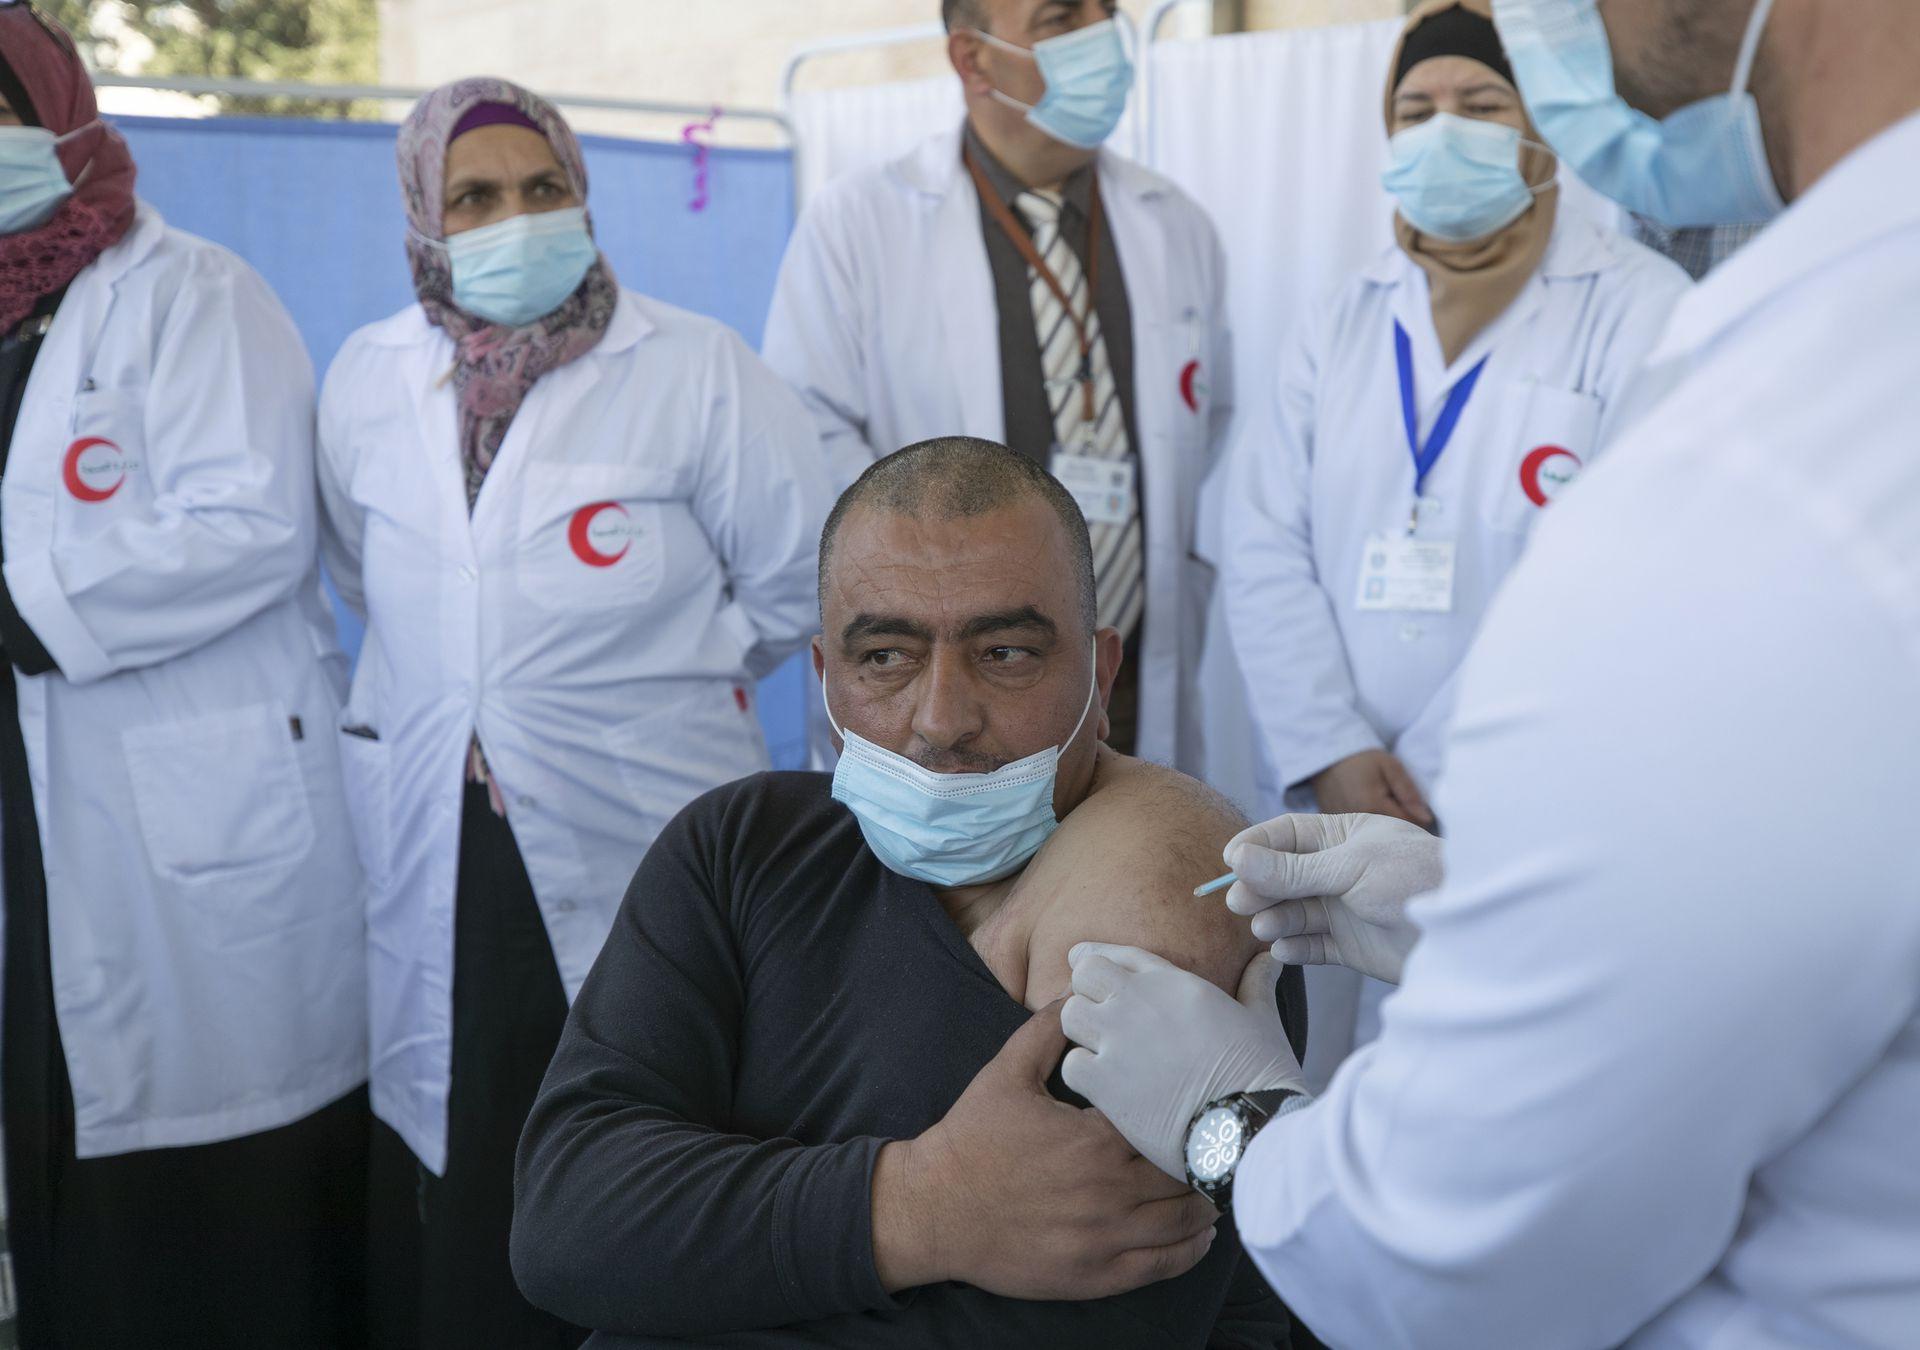 CISJORDANIA: Un médico administra una vacuna Moderna COVID-19 a un compañero médico durante una campaña para vacunar a los trabajadores médicos de primera línea, en el Ministerio de Salud, en la ciudad de Belén en Cisjordania, el 3 de febrero de 2021.